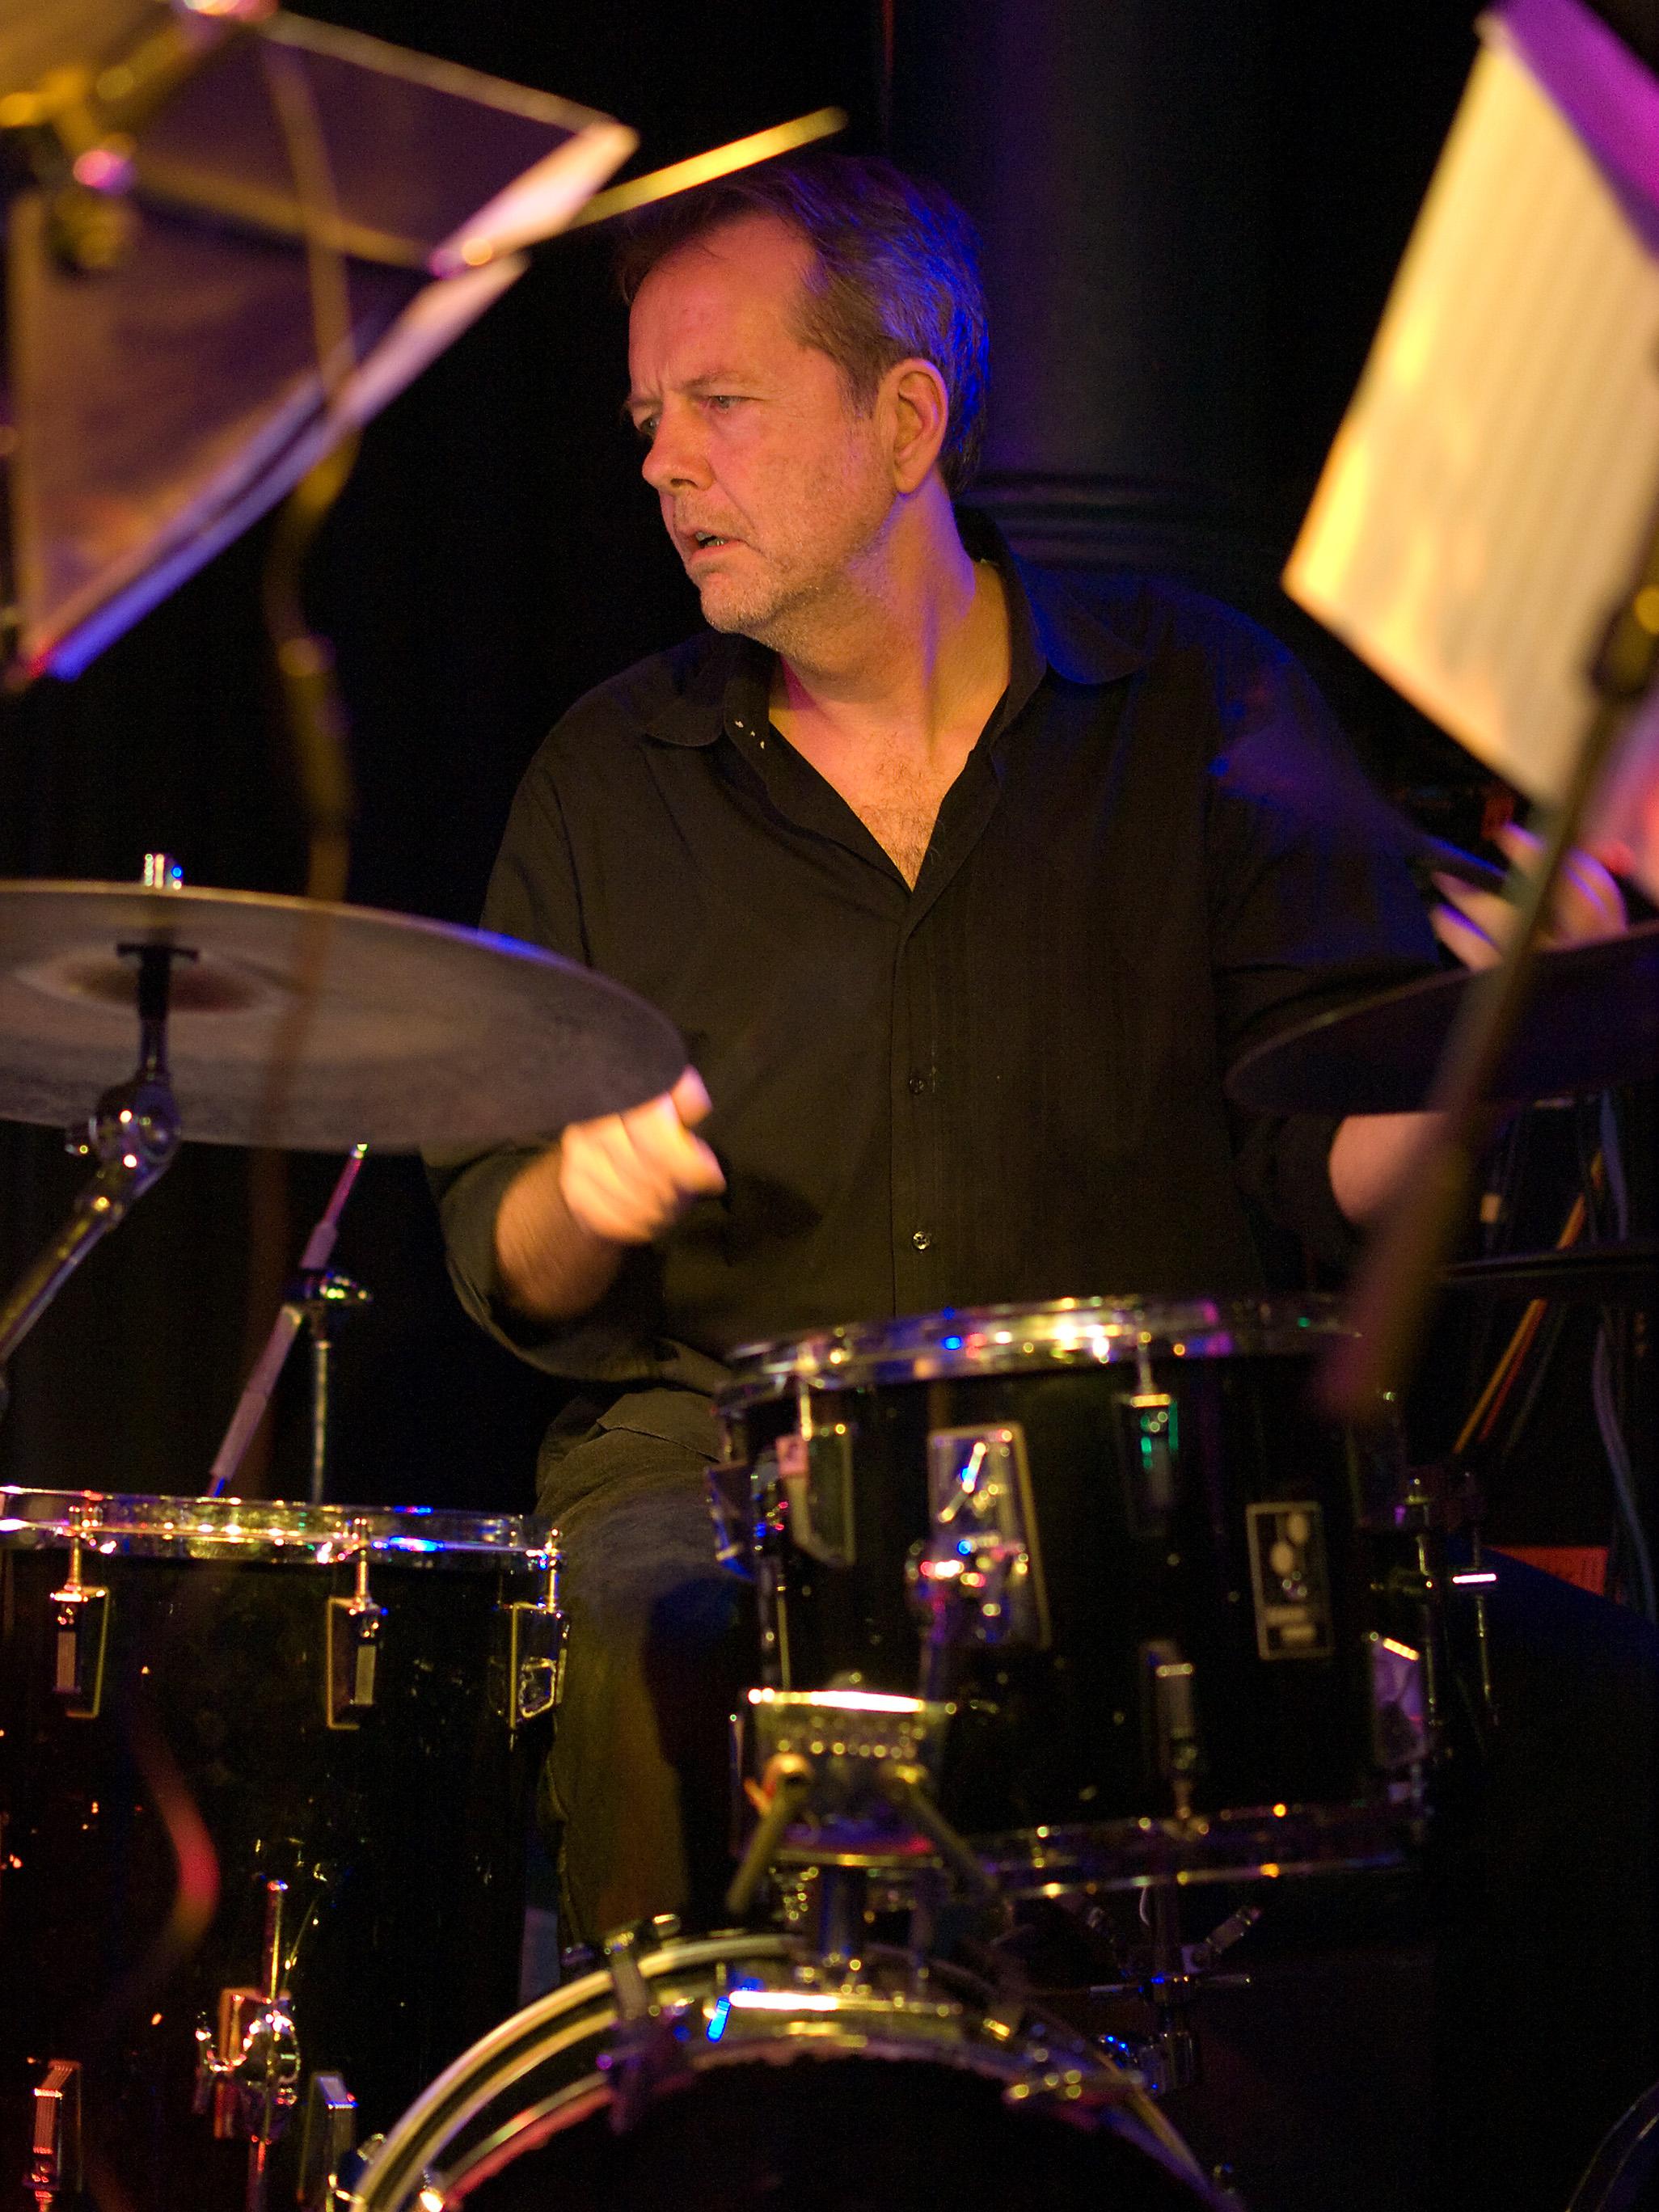 Tom Rainey FileTom Rainey Unterfahrt 20100918003jpg Wikimedia